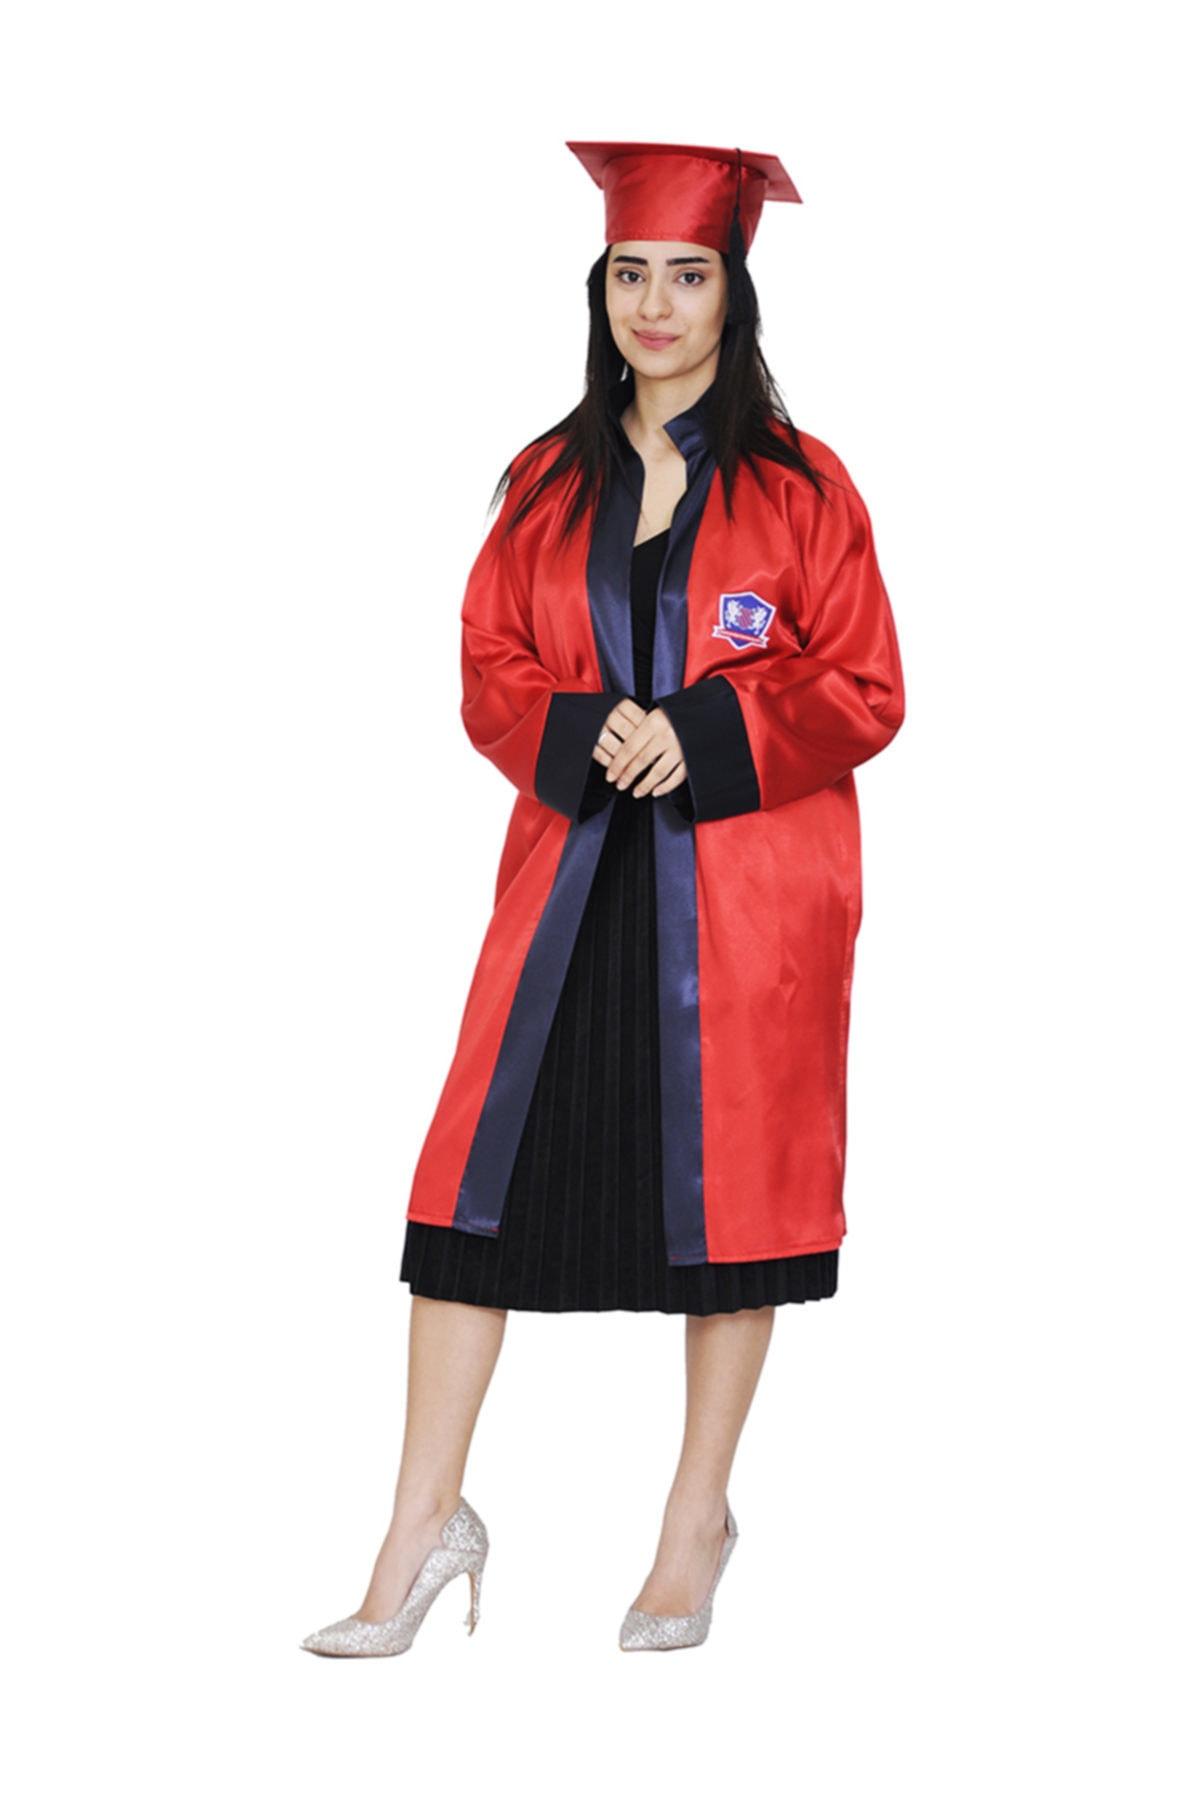 خرید انلاین لباس مجلسی زیبا زنانه برند Mezuniyetshop رنگ قرمز ty35137219